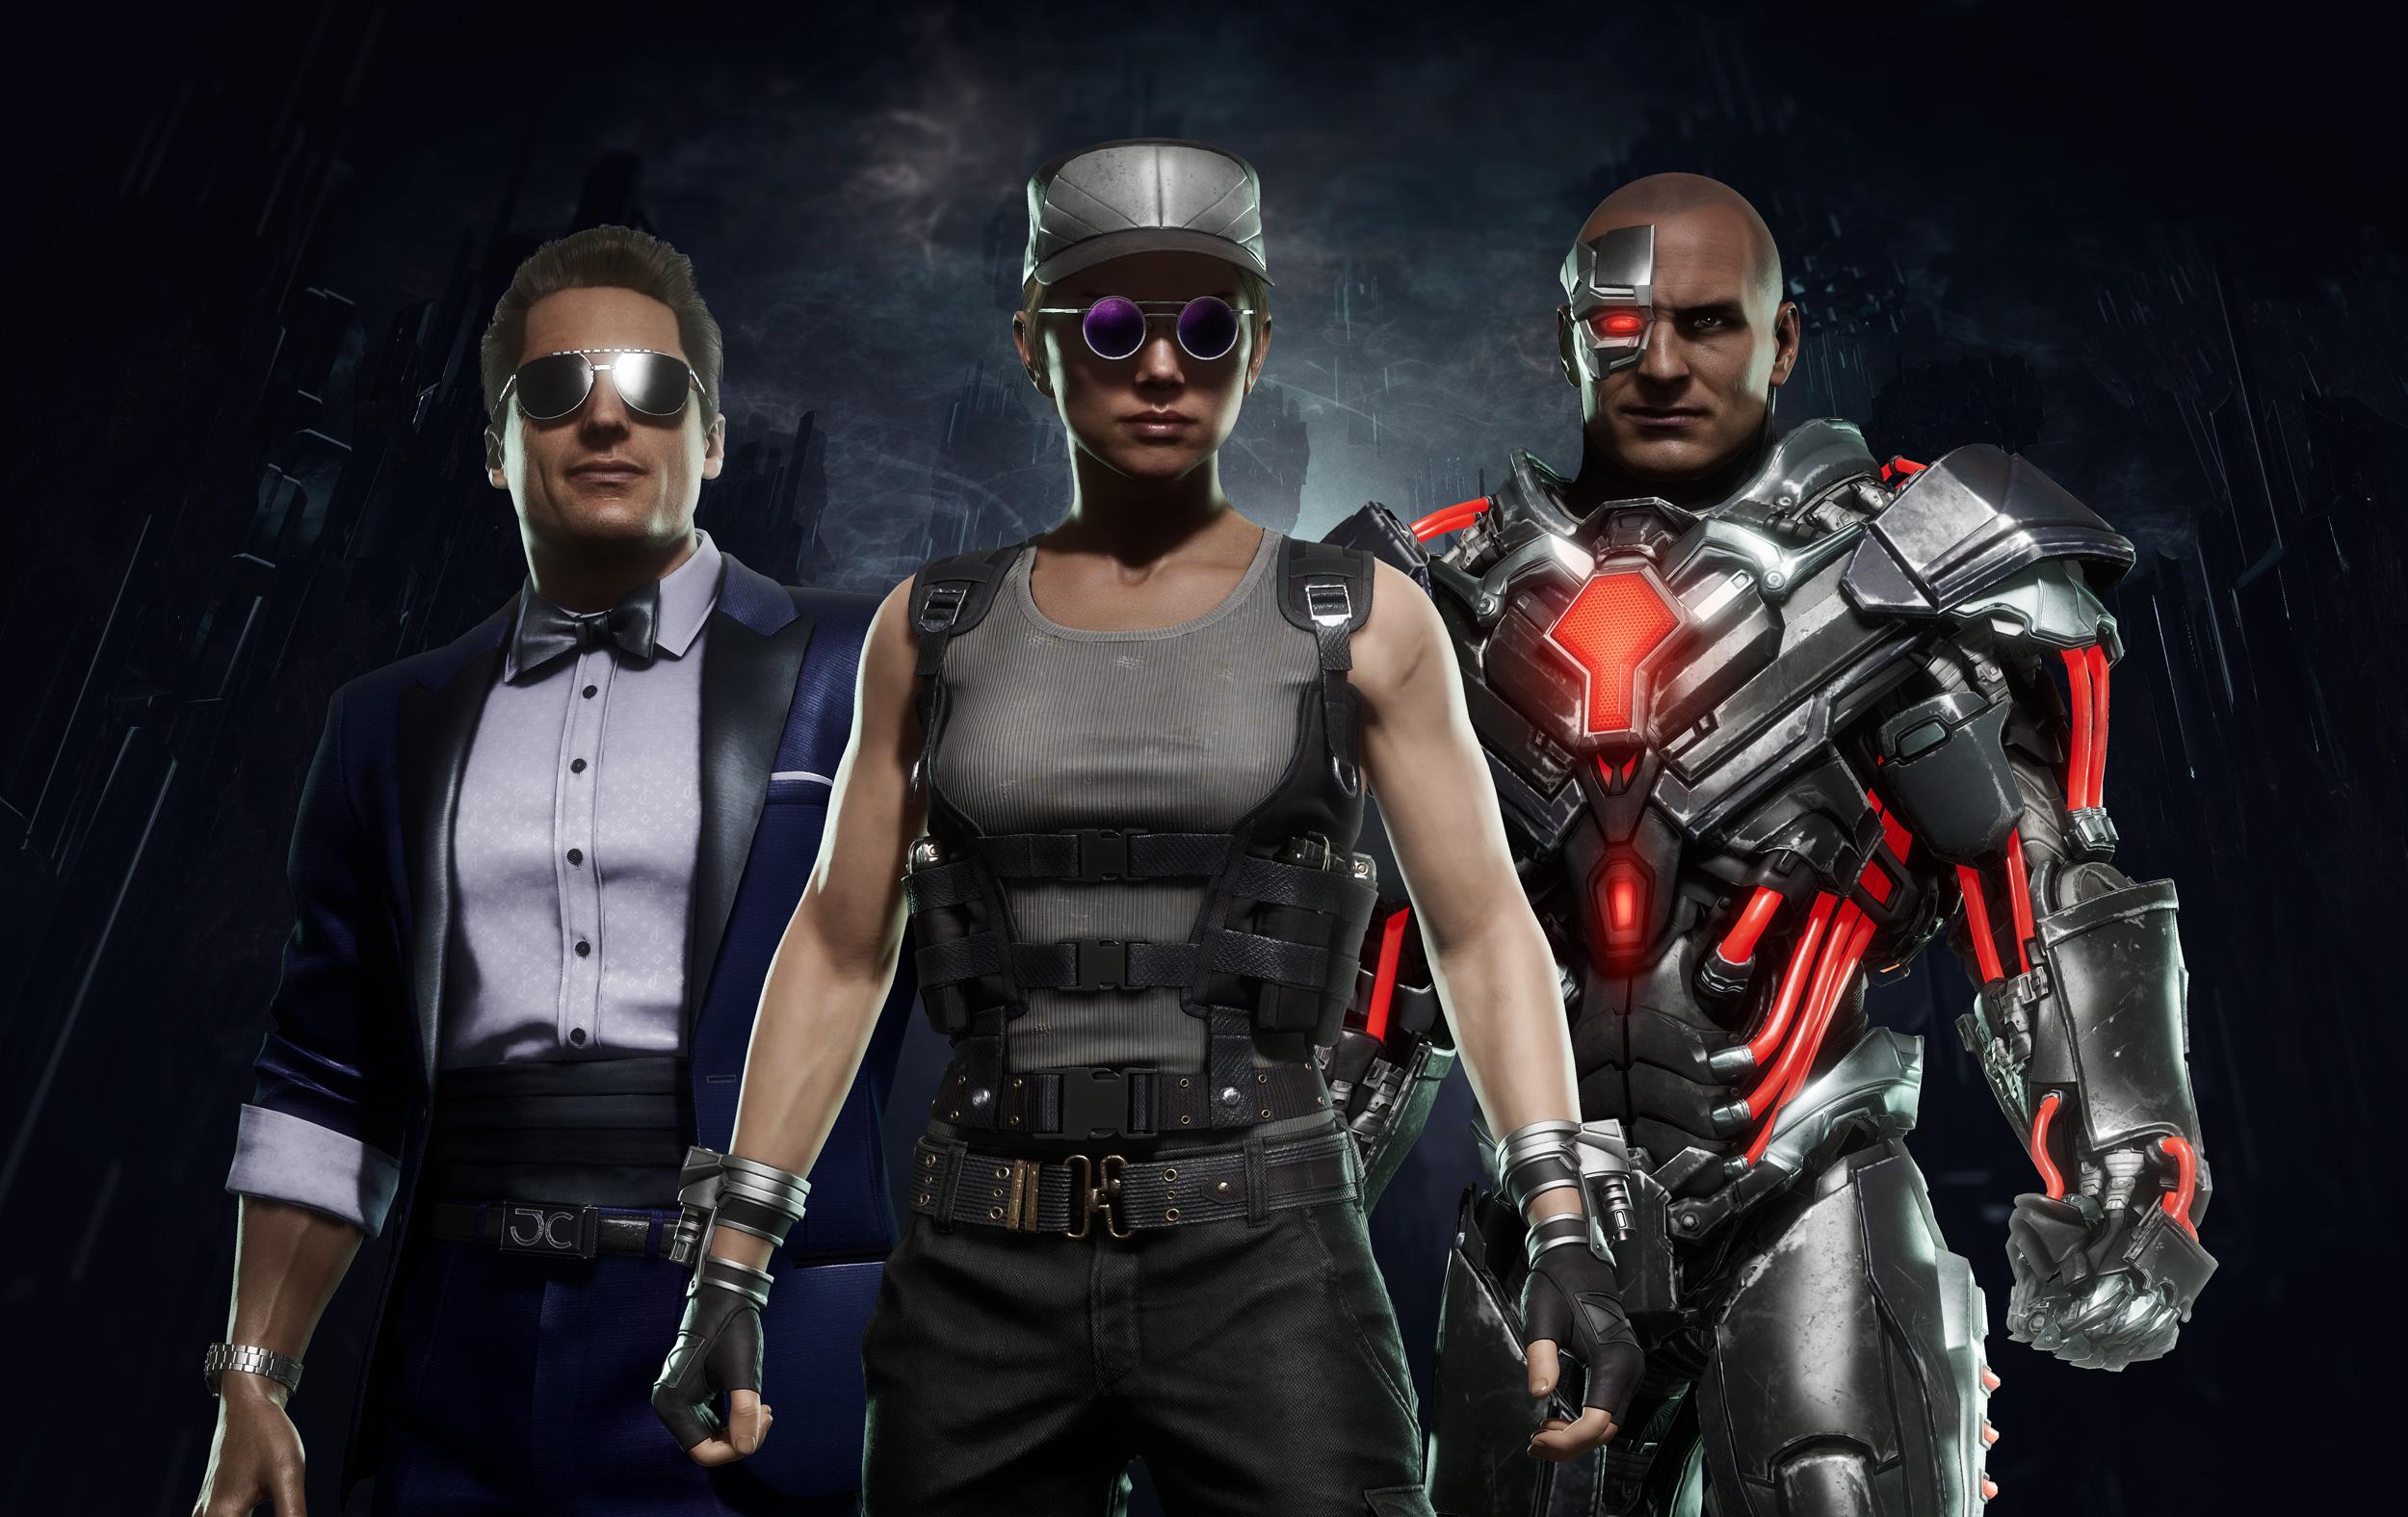 Les nouveaux costumes de Johnny Cage, Sonya Blade et Kano dans MK11